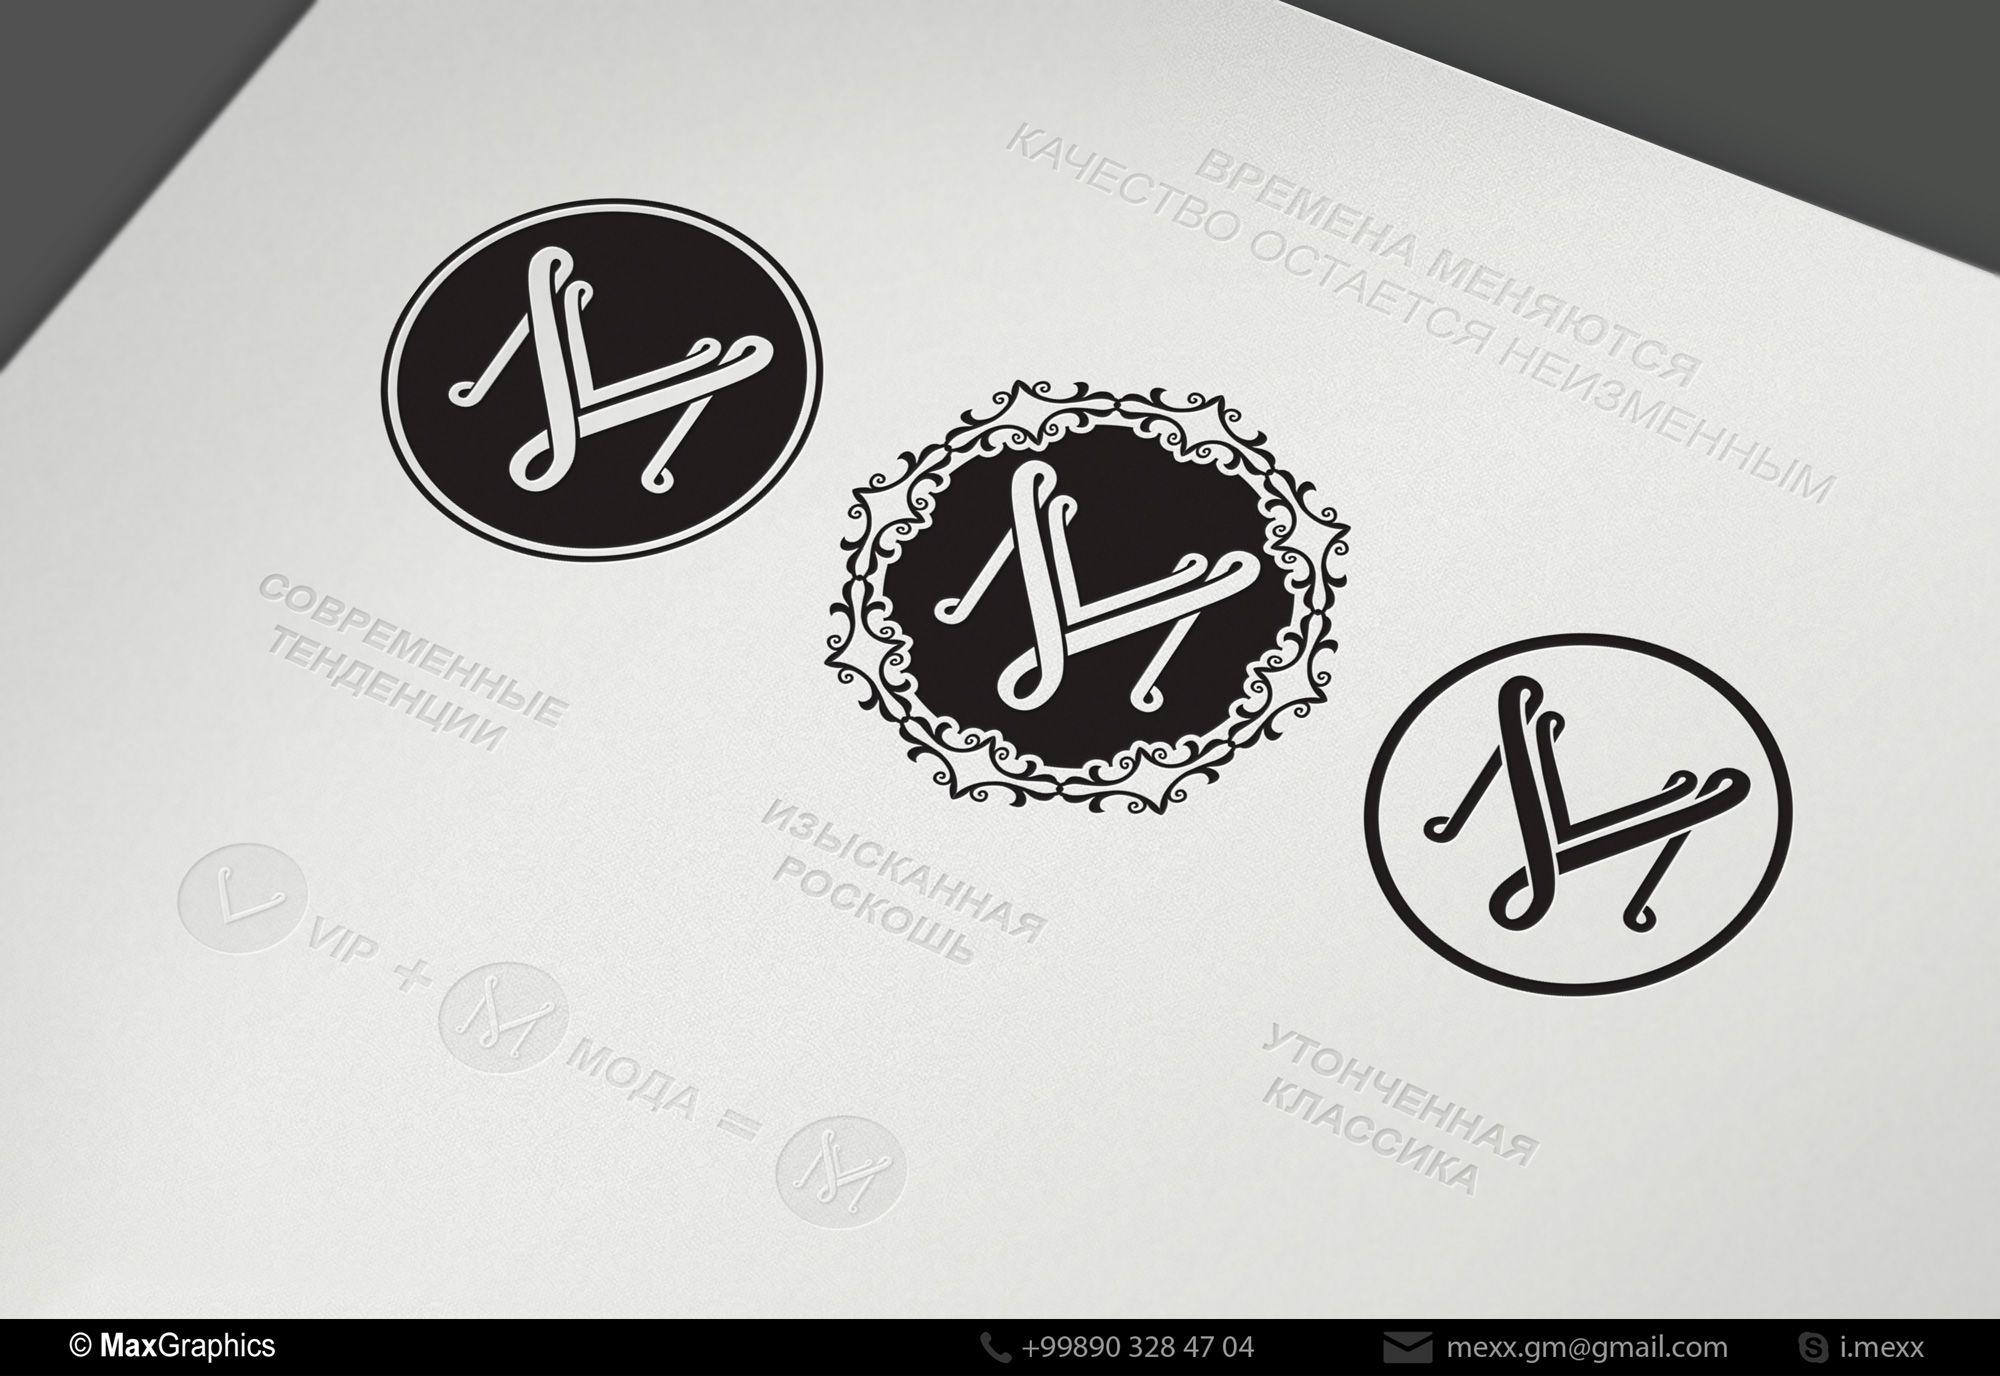 Лого и фирменный стиль компании ВИПМОДА  - дизайнер Kreativa